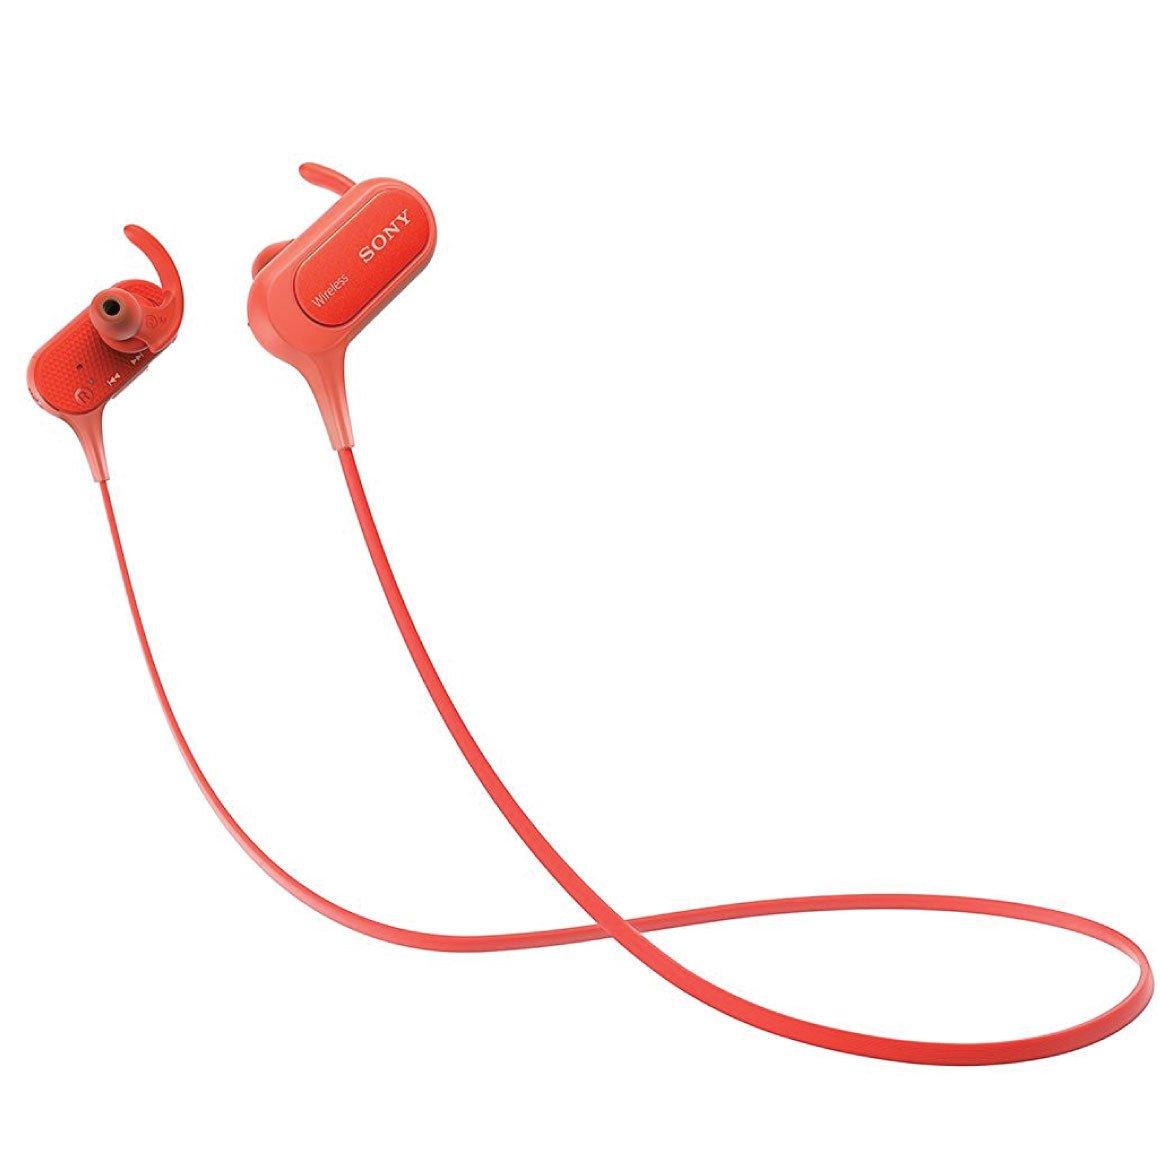 Наушники Sony MDR-XB50BS Extrabass Bluetooth RedНаушники и гарнитуры<br><br><br>Тип: наушники<br>Тип акустического оформления: Закрытые<br>Тип подключения: Беспроводные<br>Диапазон воспроизводимых частот, Гц: 4–24 000